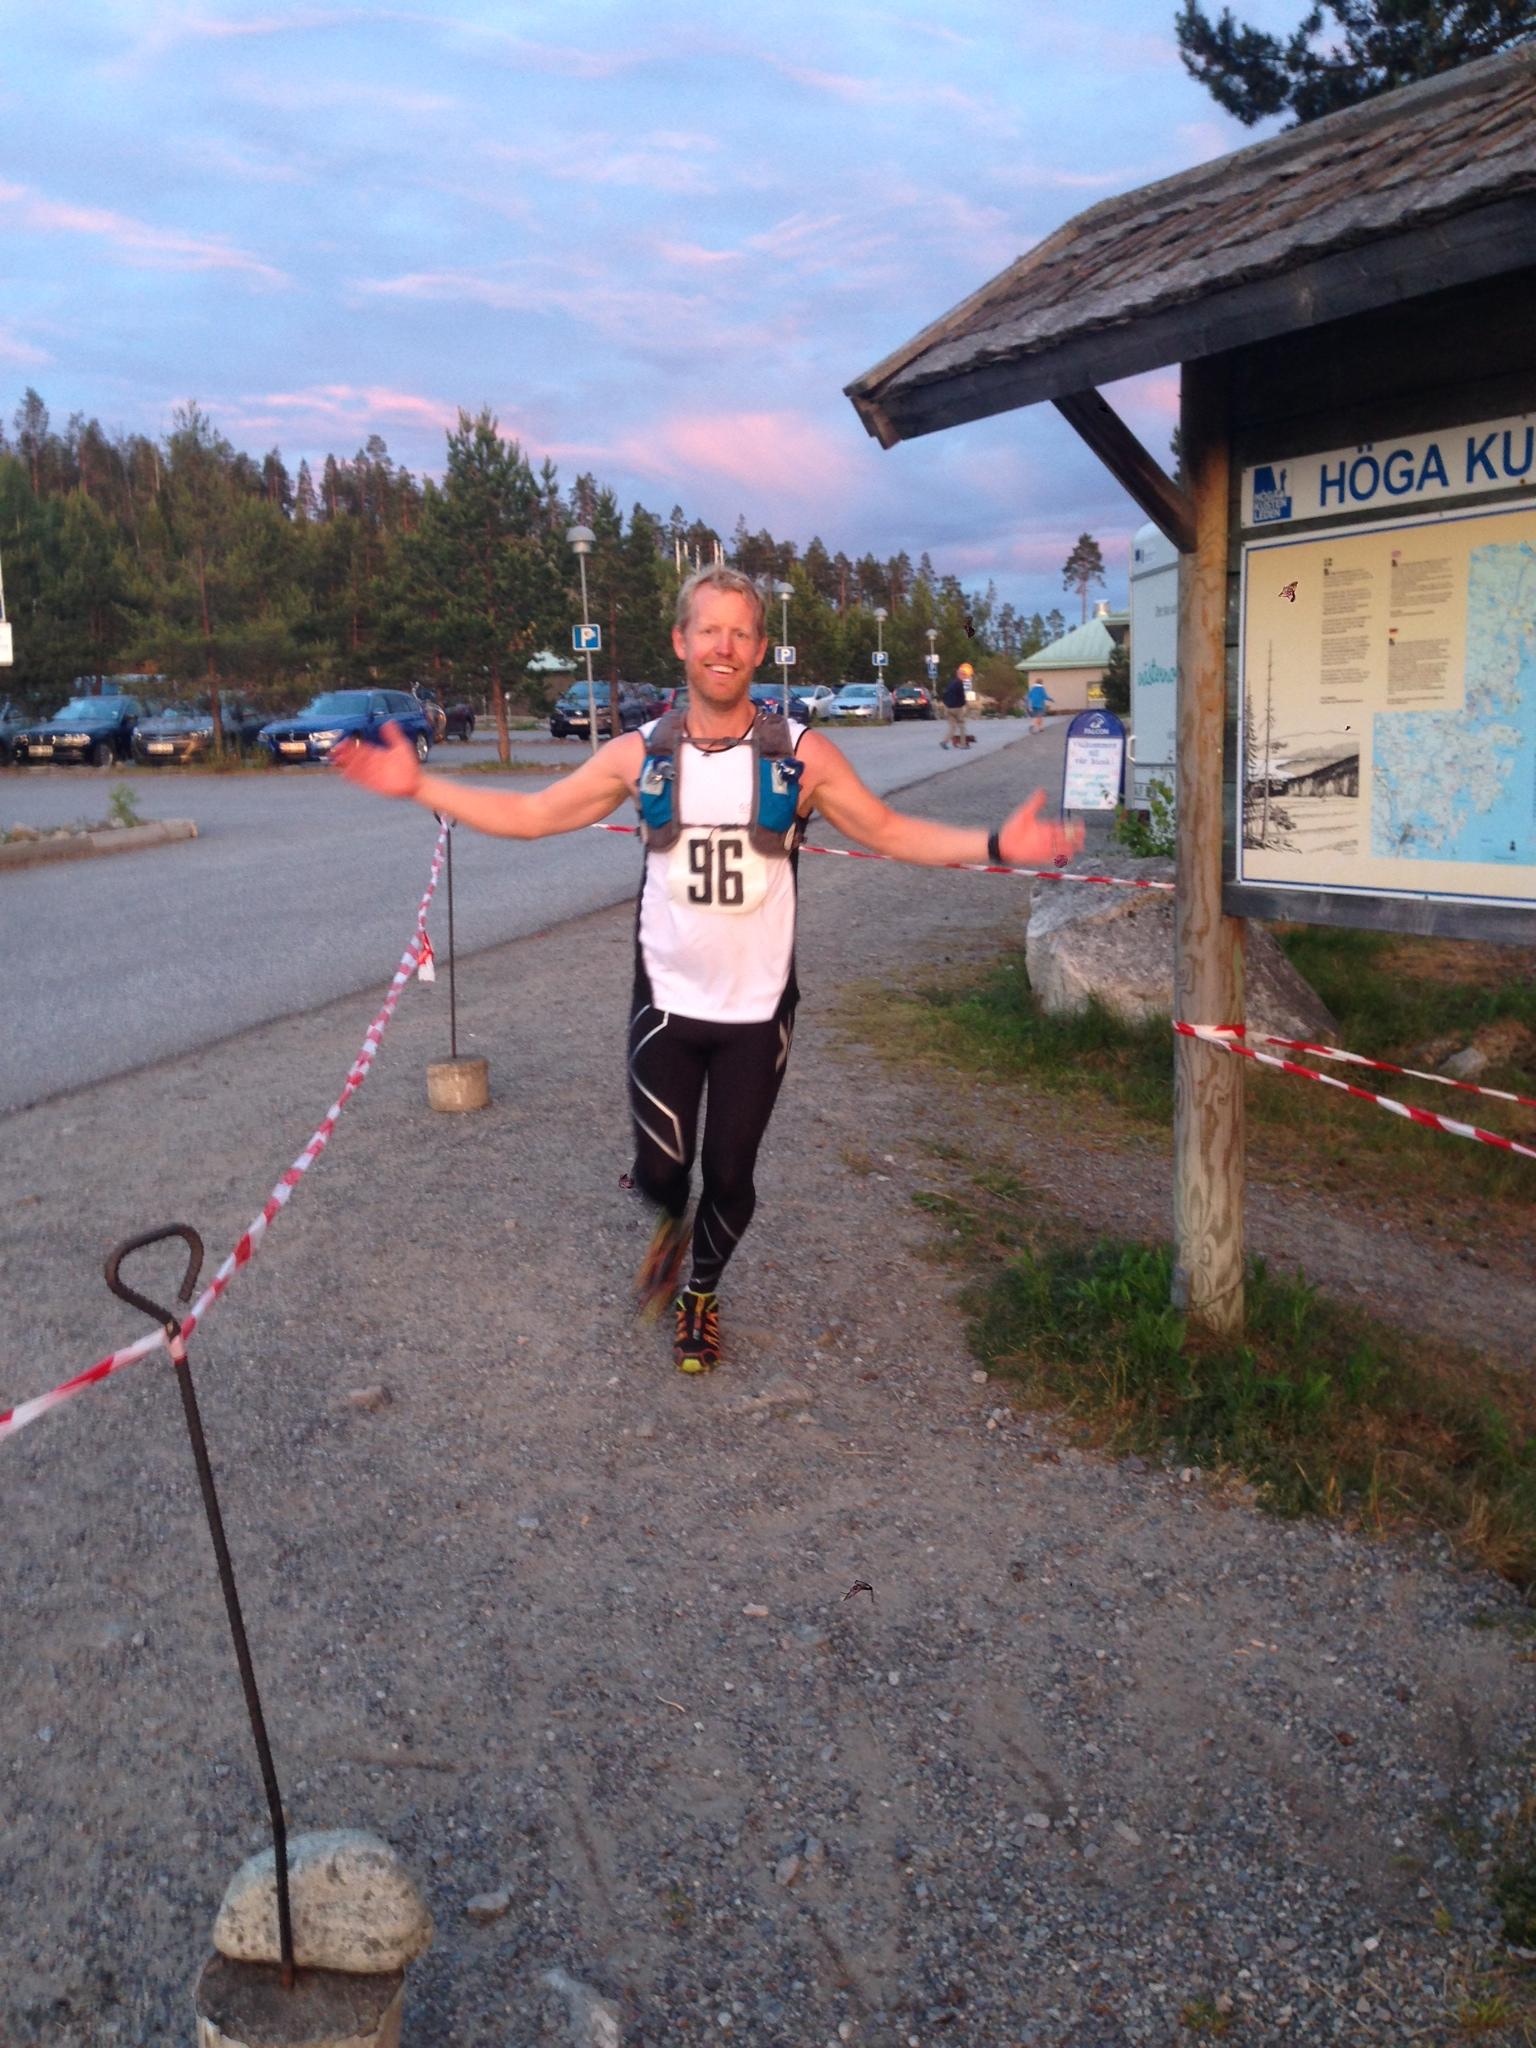 Daniel kommer i mål på tiden 22:48.